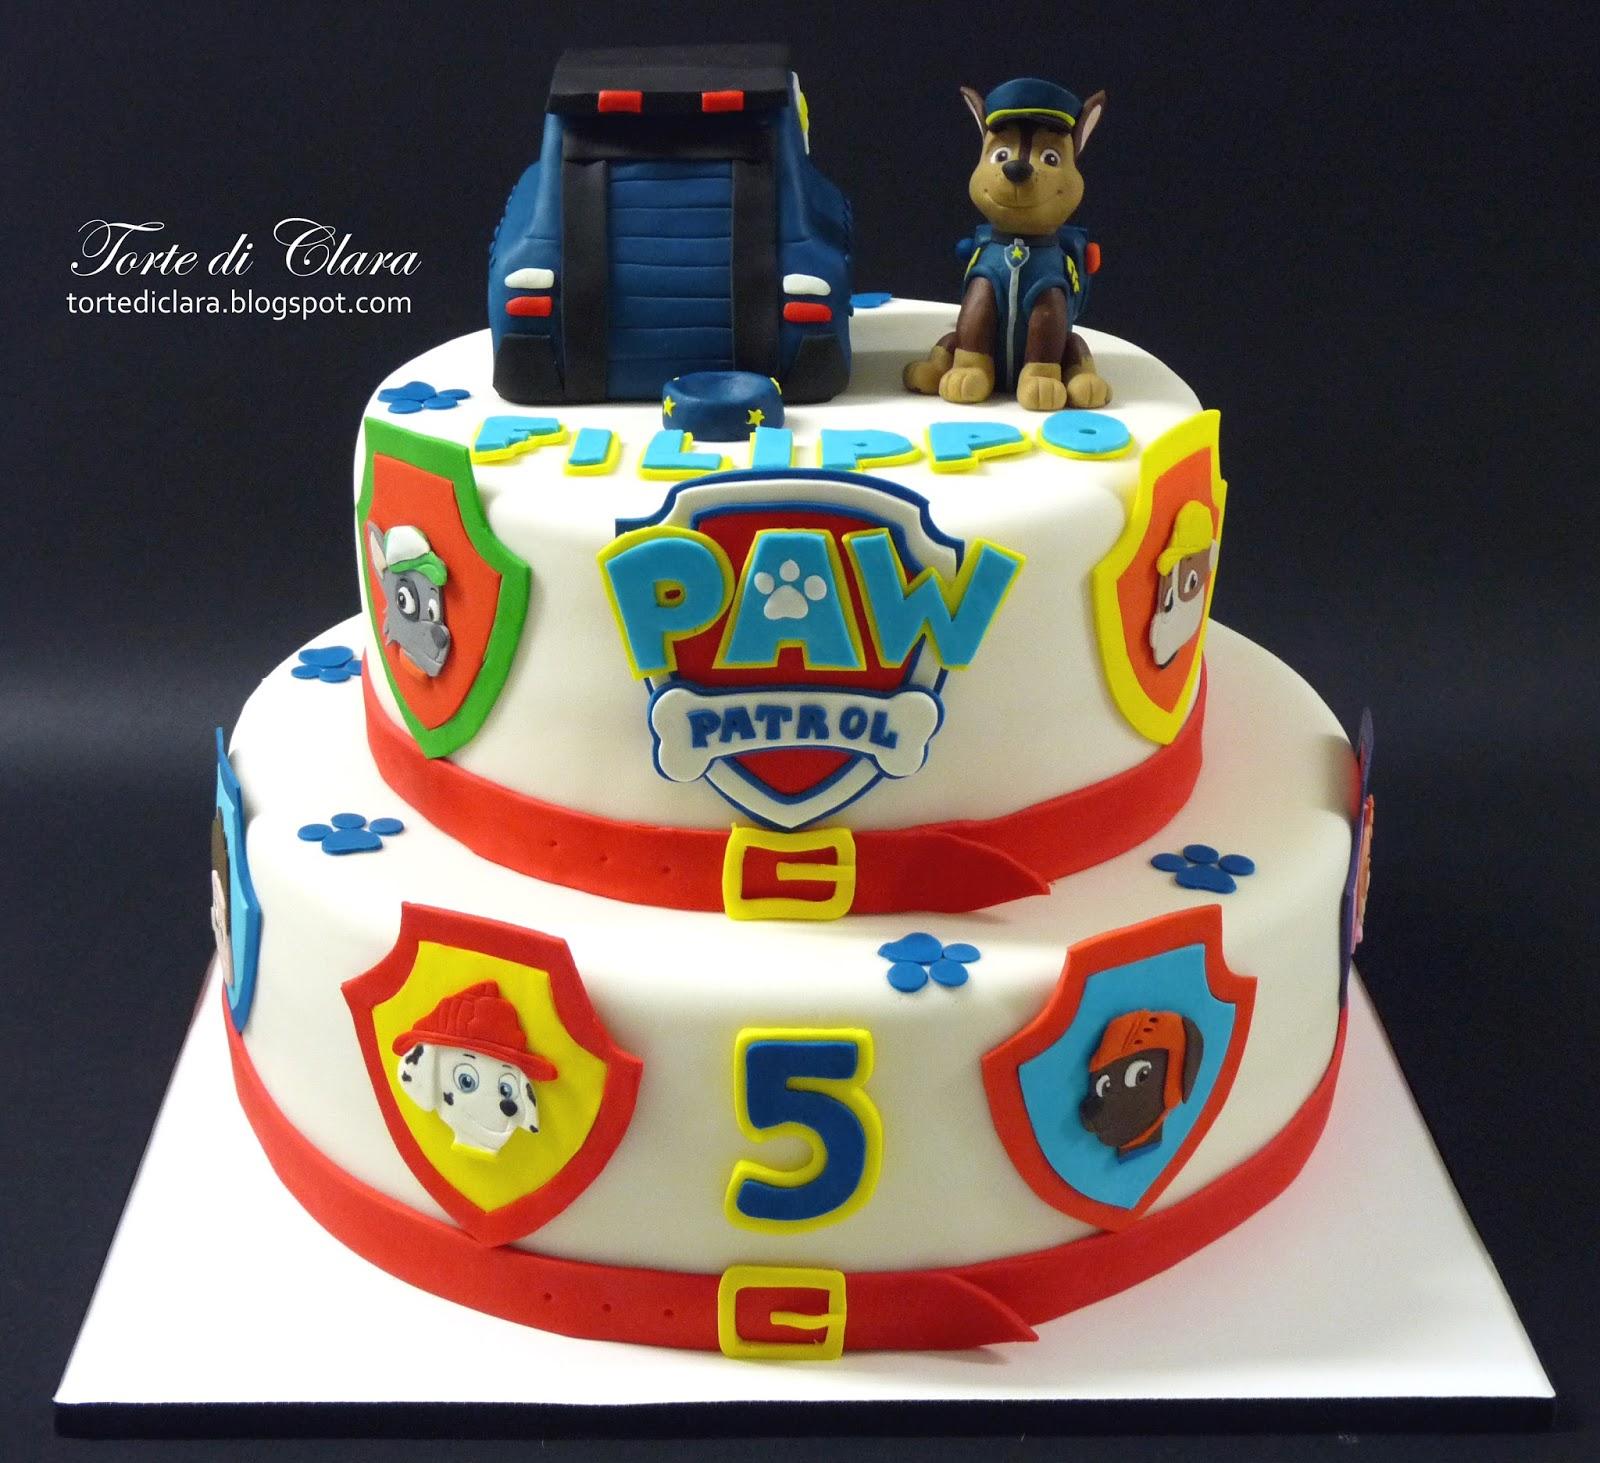 Super Torte di Clara: Paw Patrol cake (2) DT22